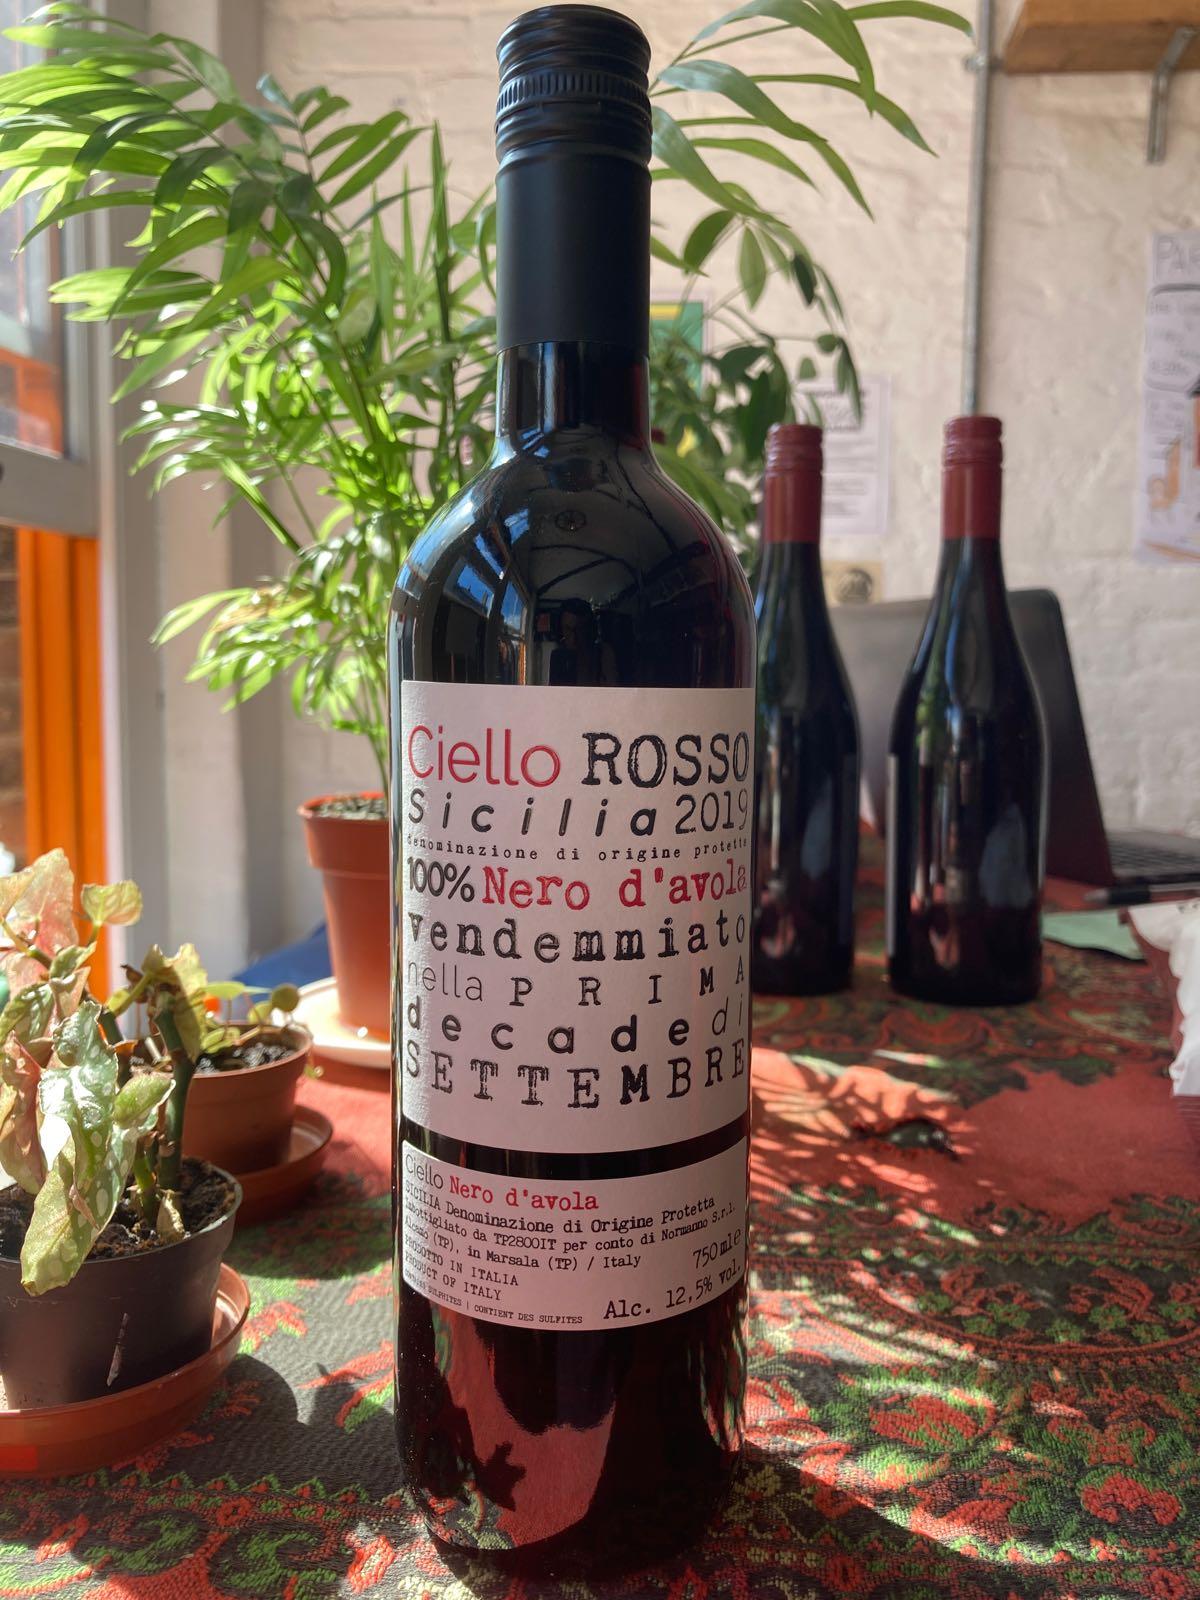 Ciello Rosso - Nero d'Avola (12.5%) (Sicily)